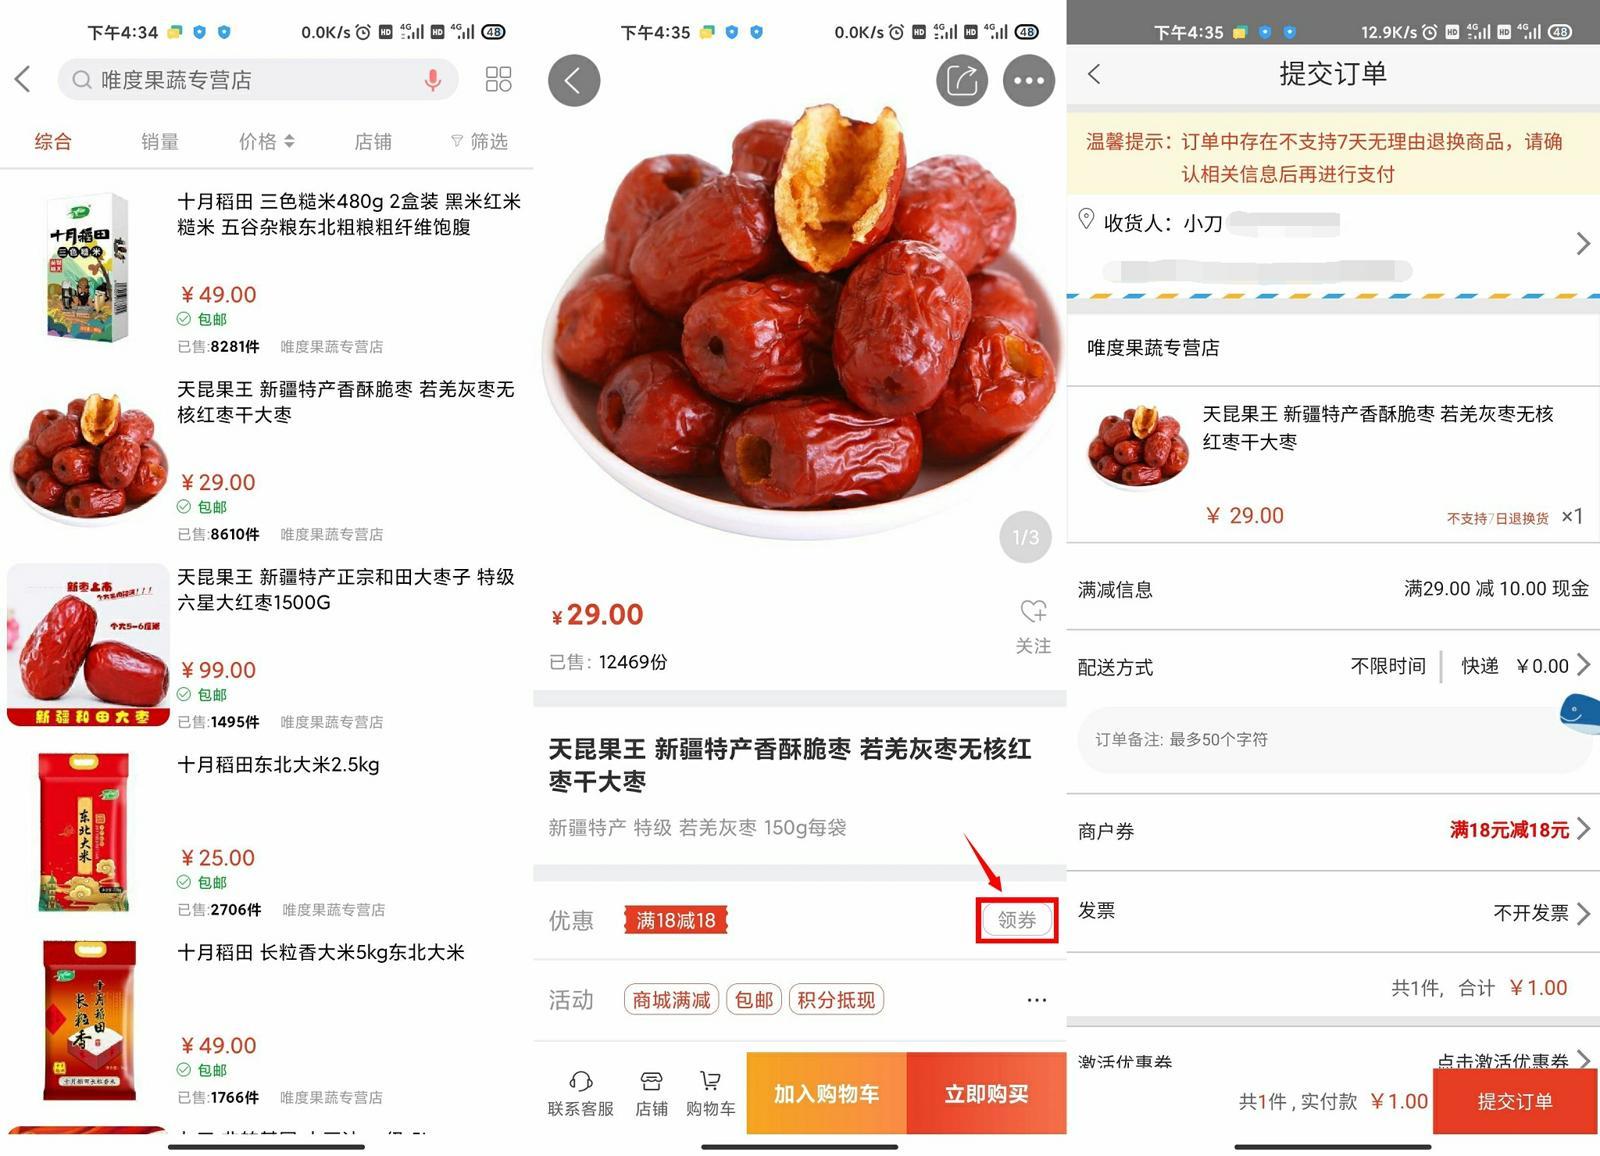 融e购1元撸无核脆枣150g